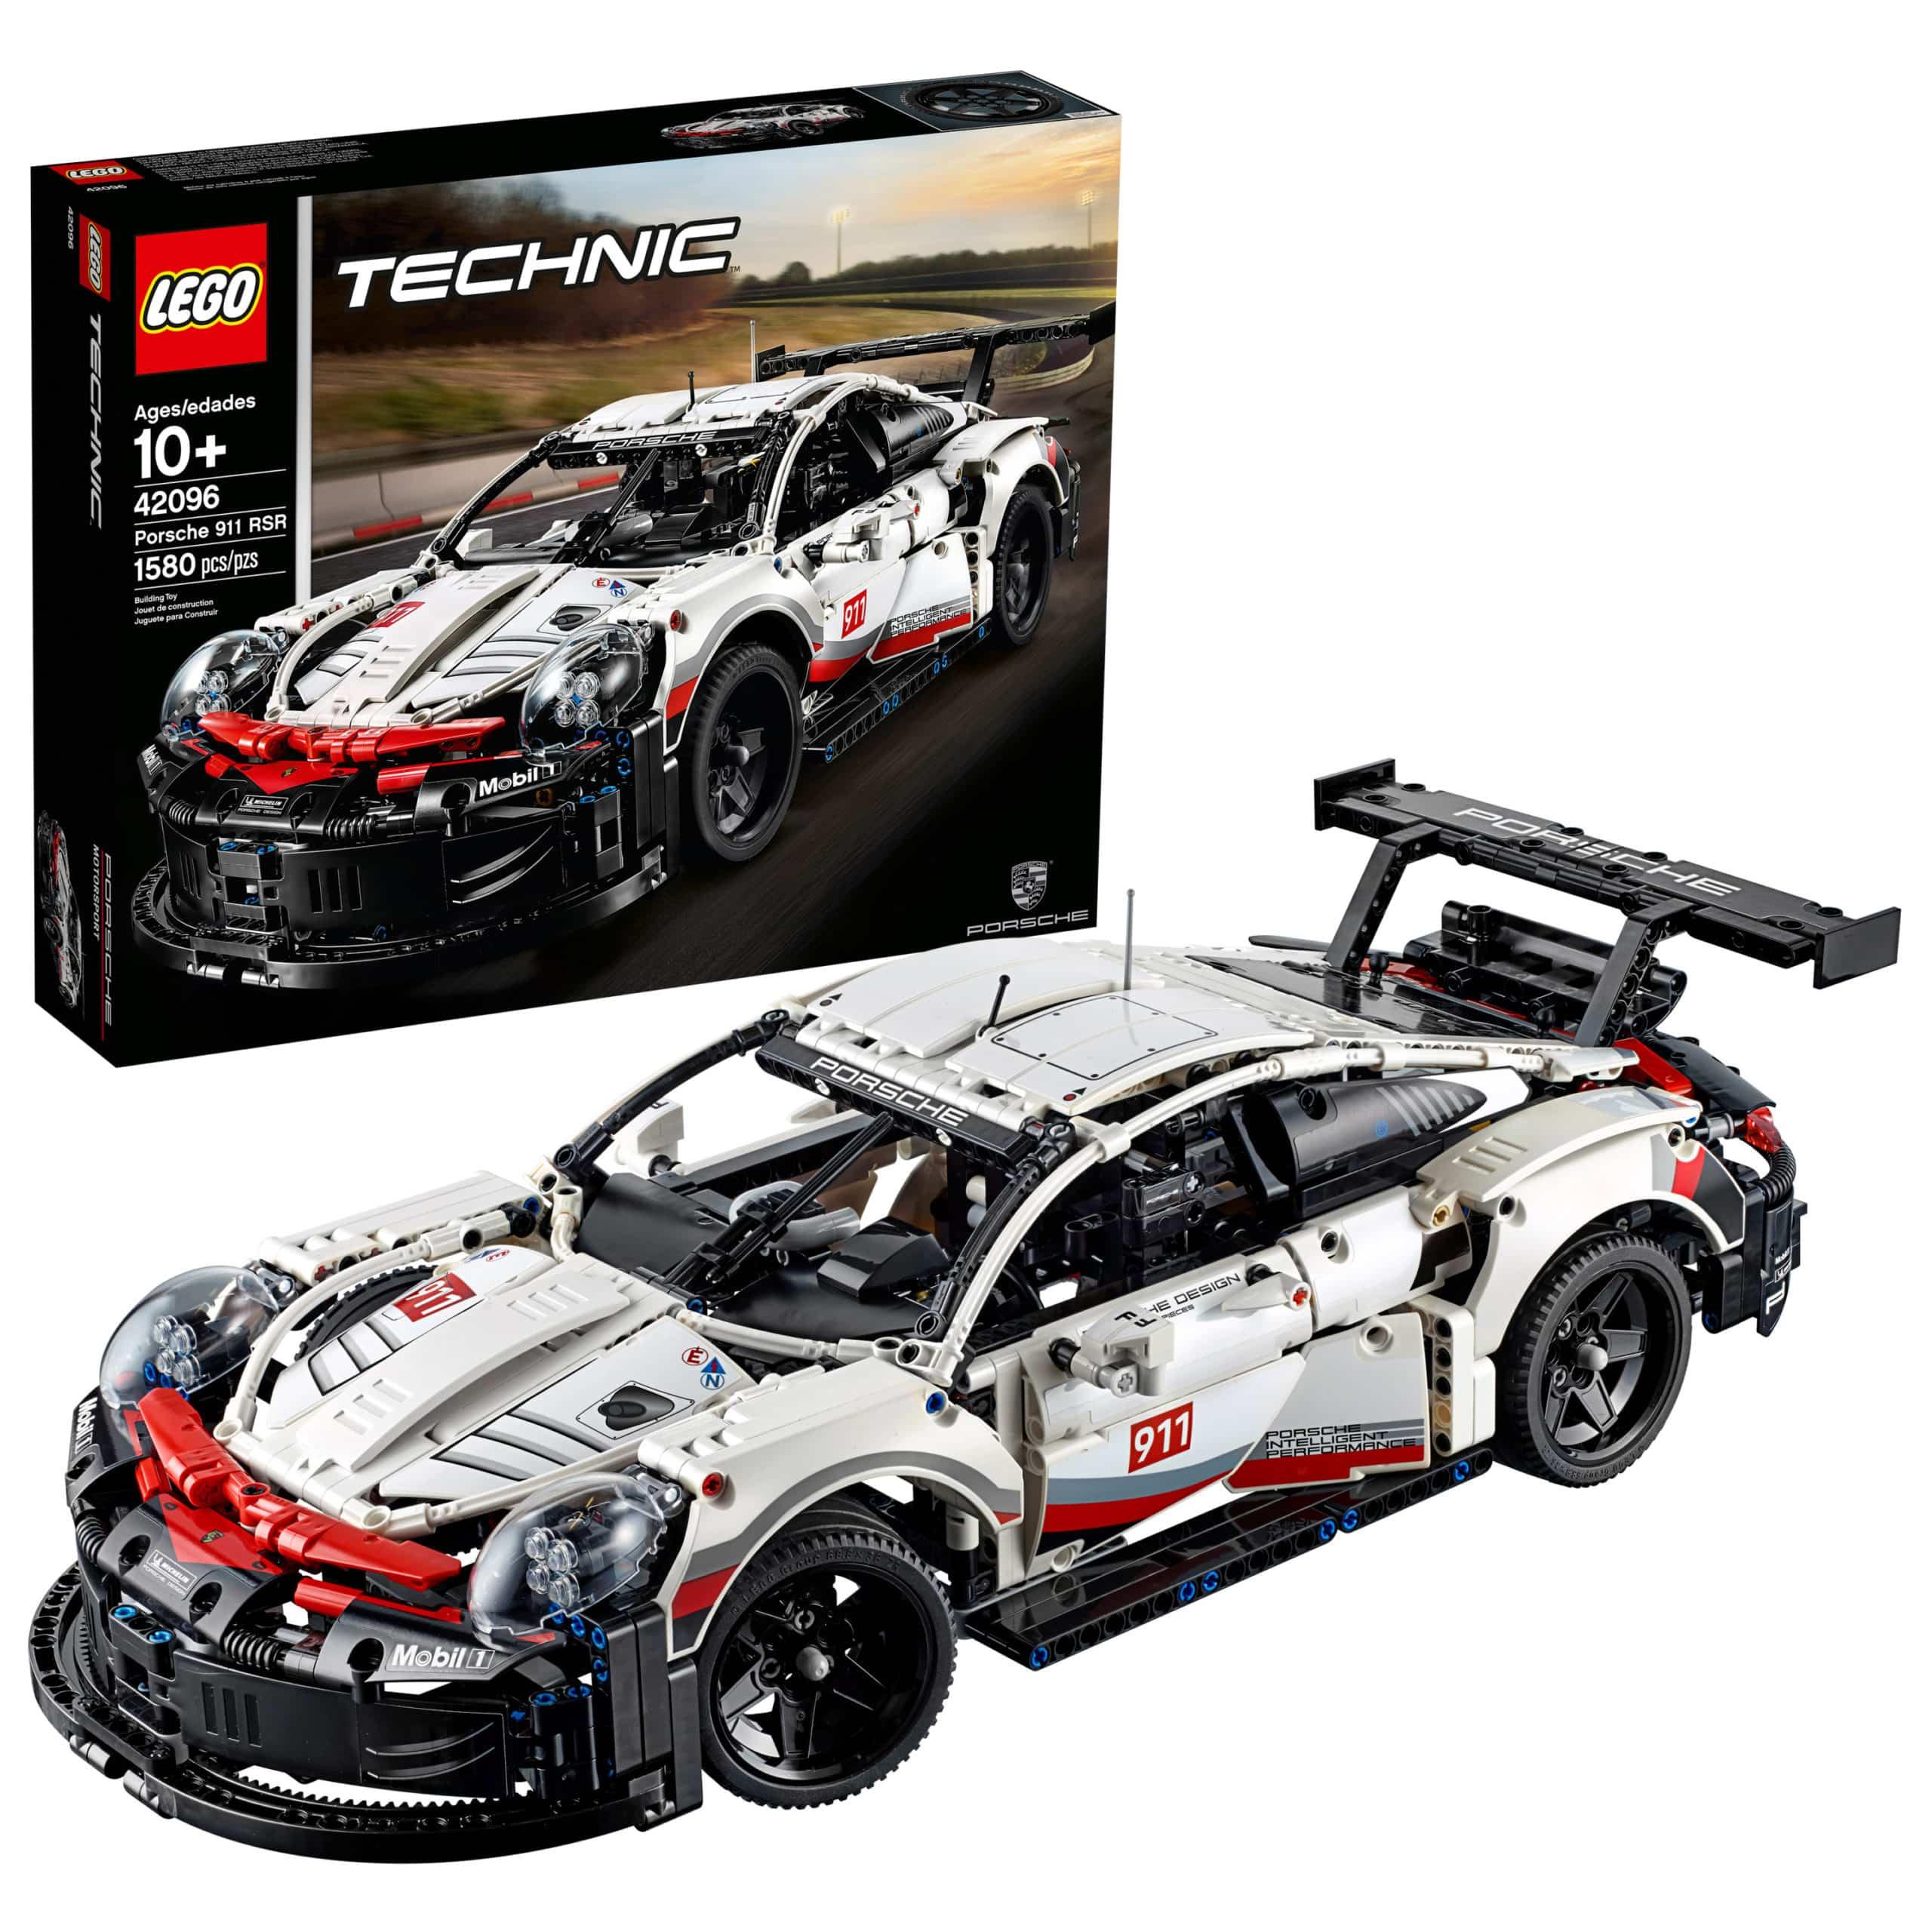 Walmart: LEGO Technic Porsche 911 RSR 42096 Race Car Building Set (1580 Pieces), Just $119.95 (Reg $149.99)